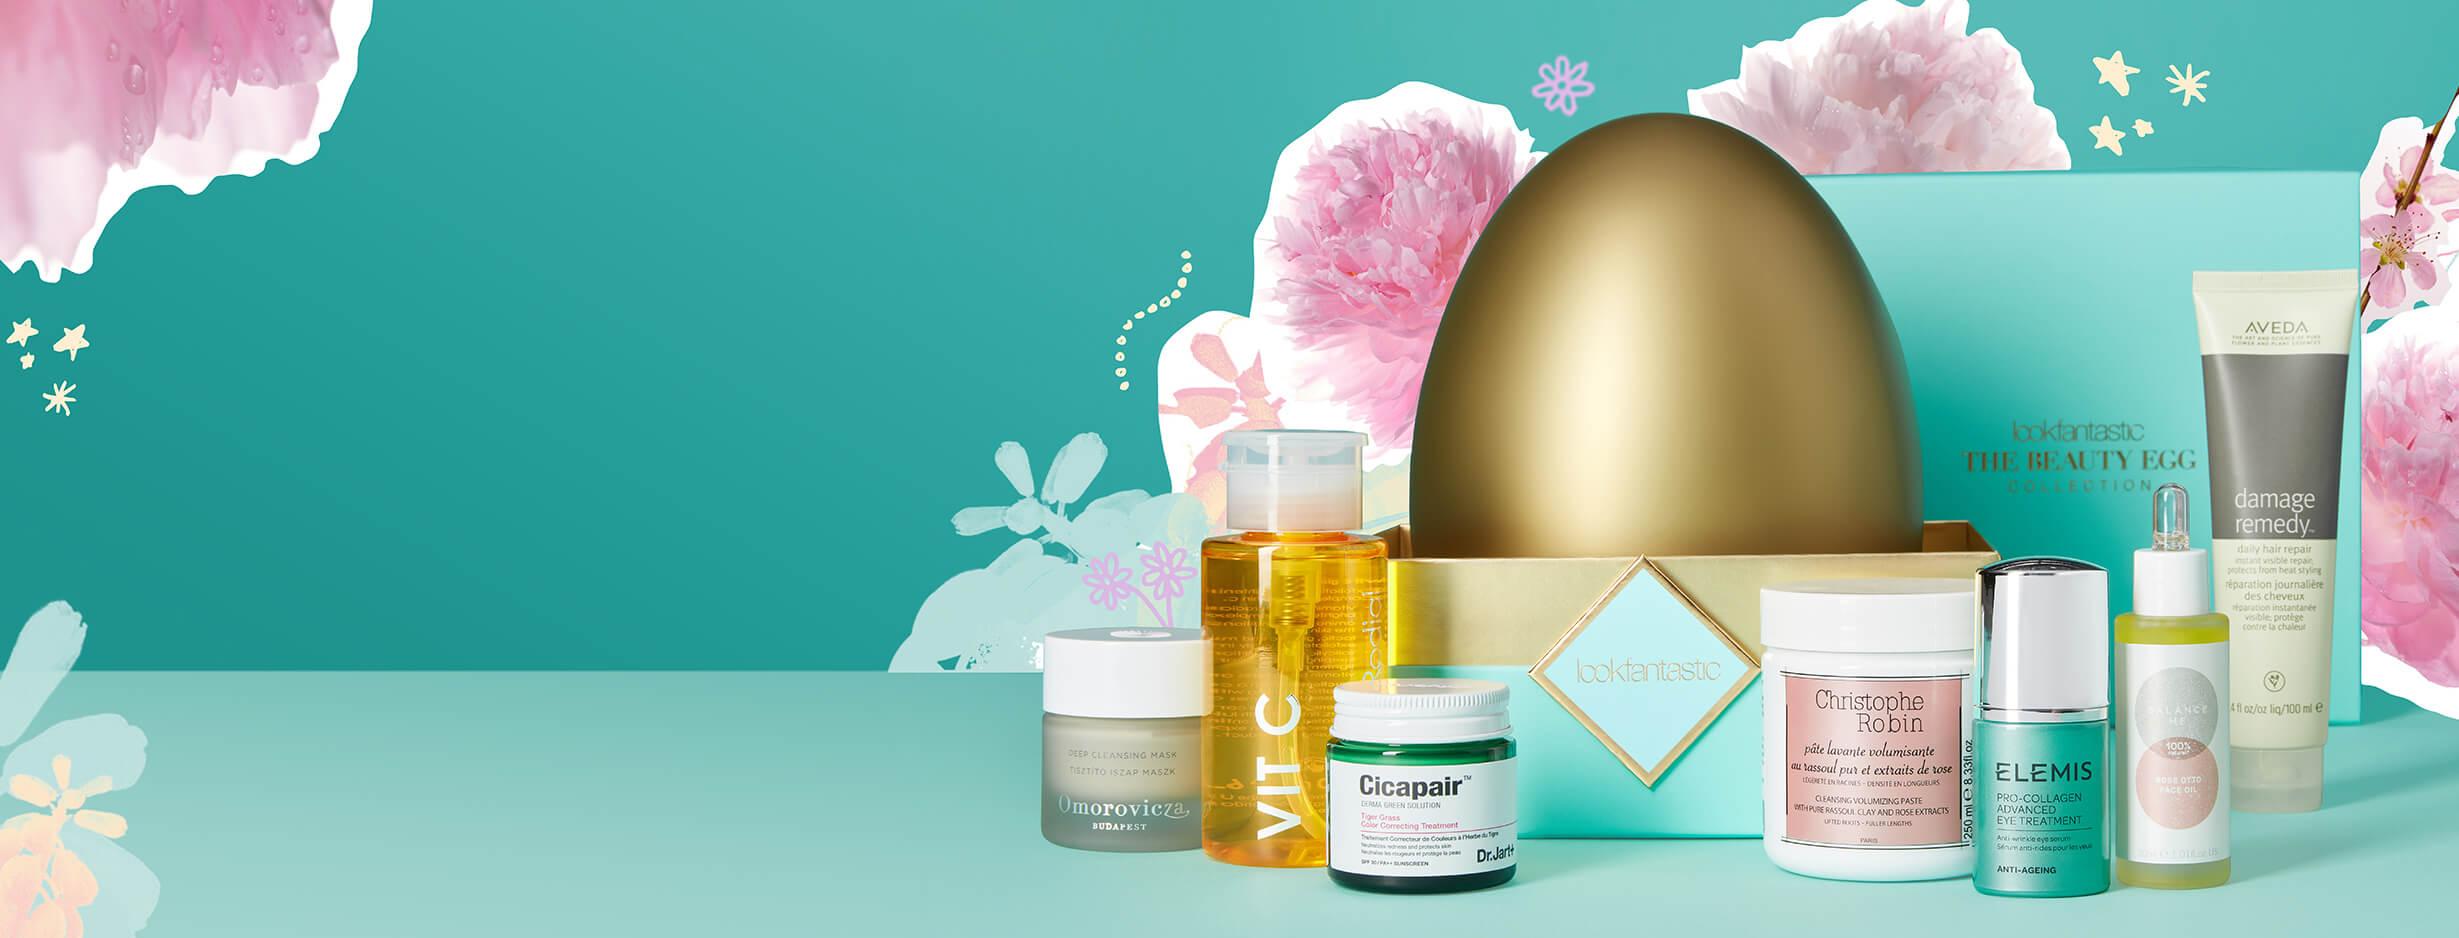 Beauty Box Beauty Egg